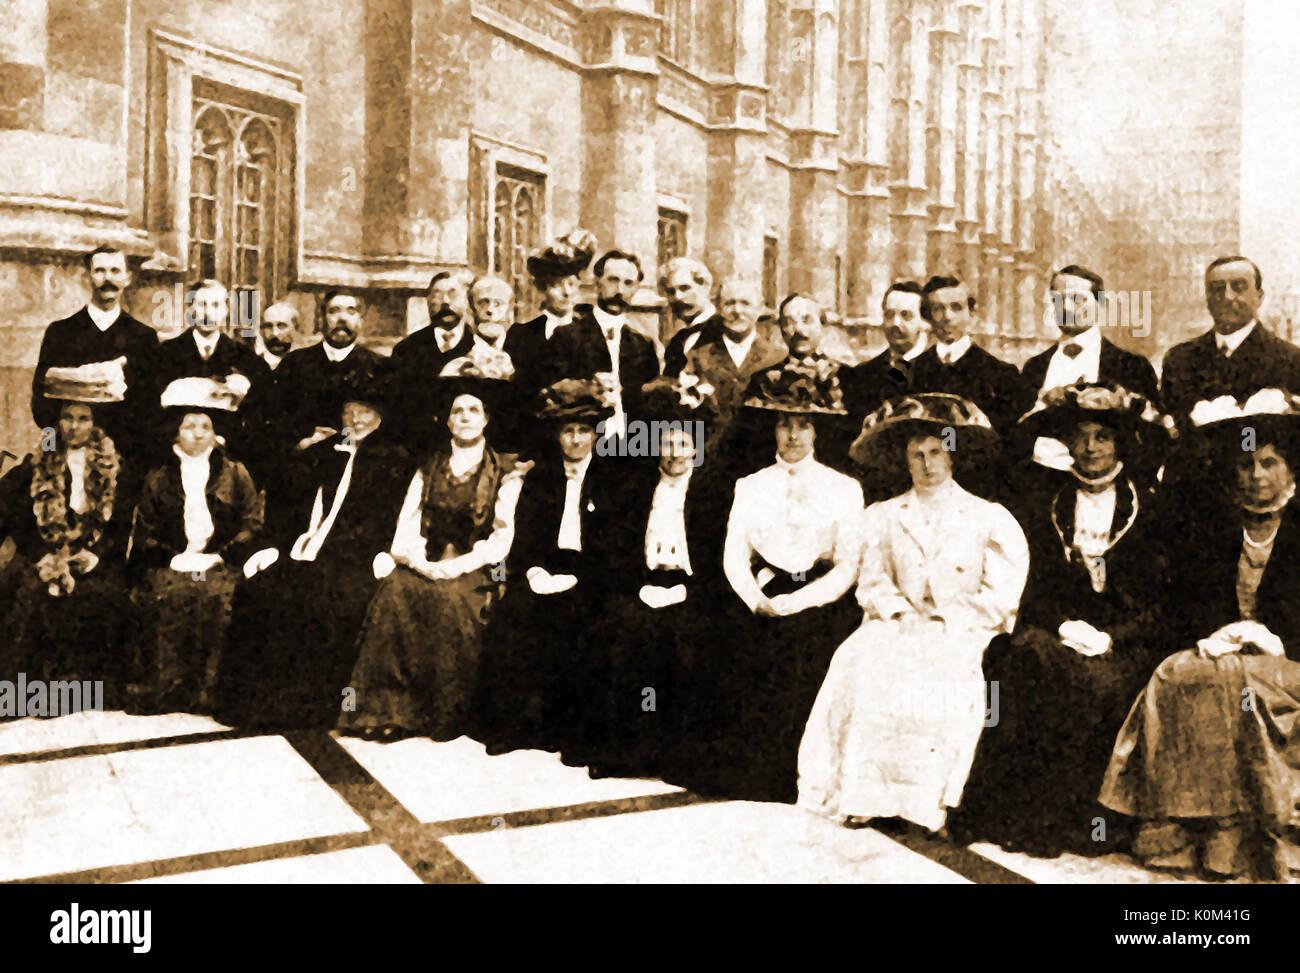 1909 - Mitglieder des Ersten Parlamentarischen Labour Party (UK) mit ihren Frauen in Deutschland Stockbild